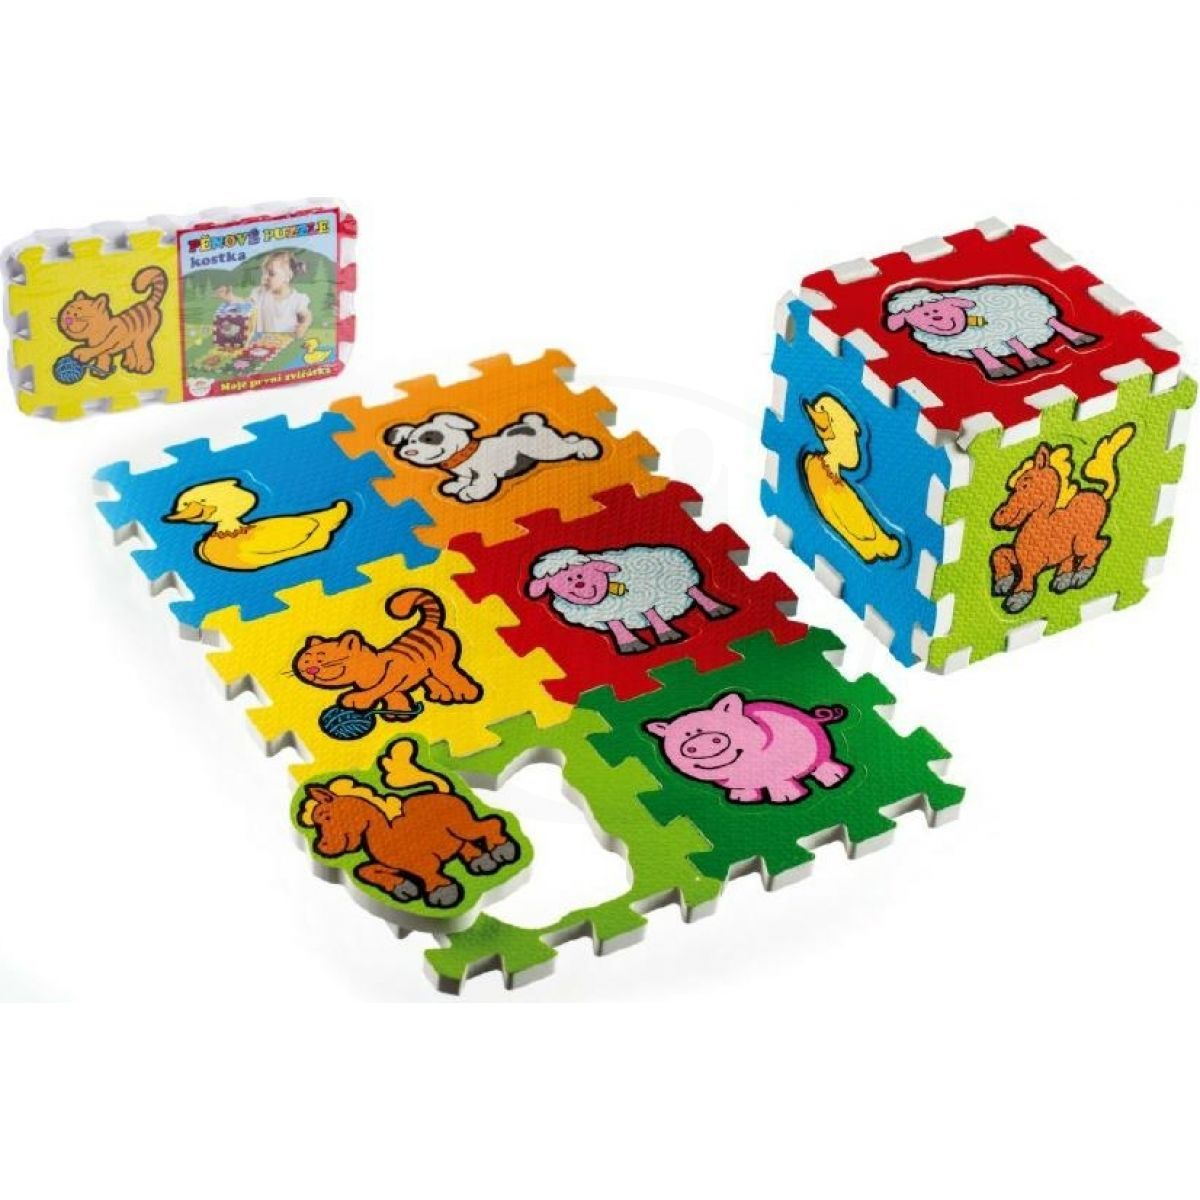 Teddies Pěnové puzzle Moje první zvířátka 15x15x1 2cm MPZ 6 ks